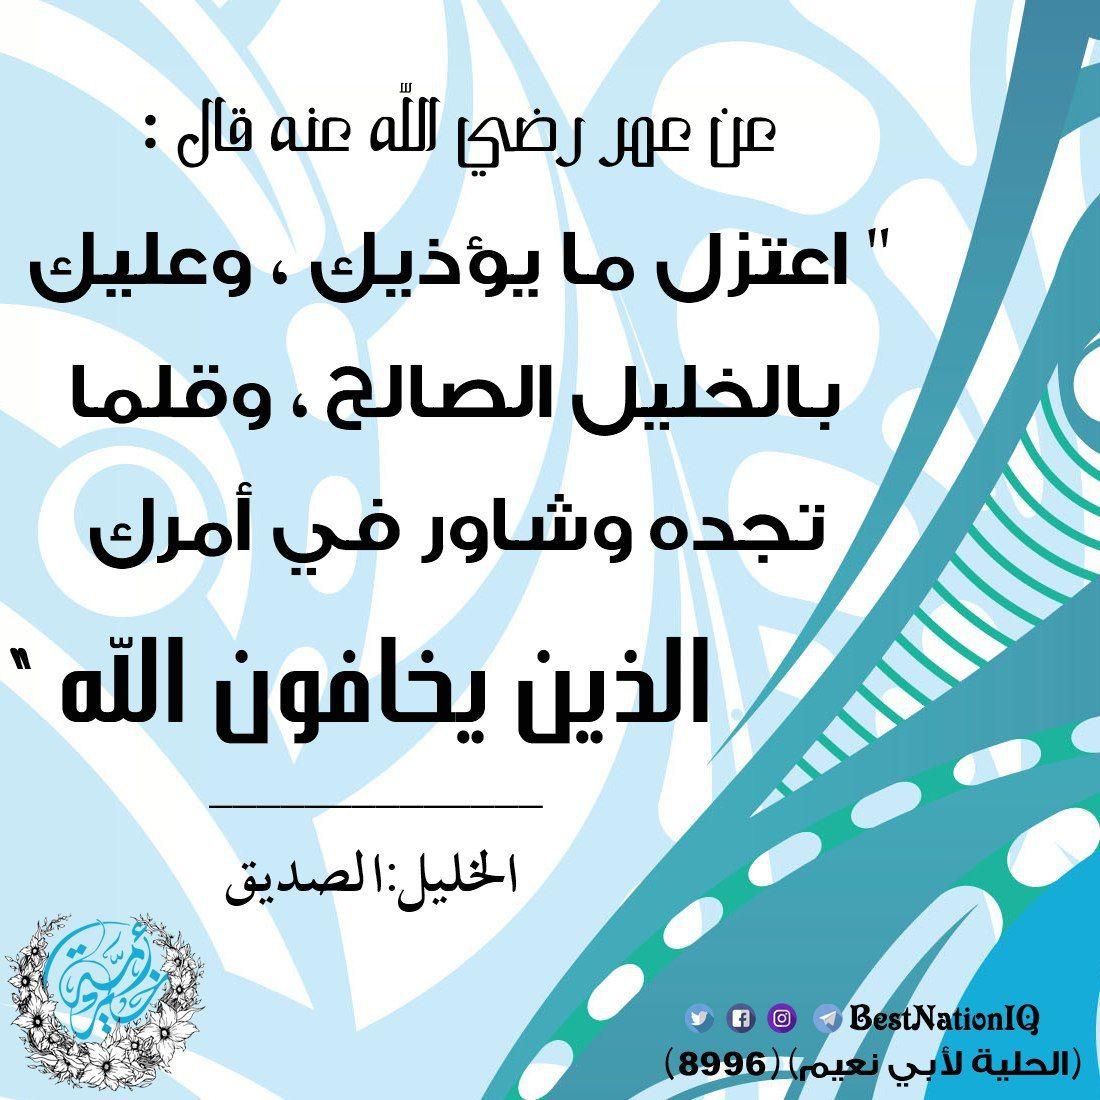 Image Result For اعتزل ما يؤذيك Arabic Quotes Quotes Islam Quran